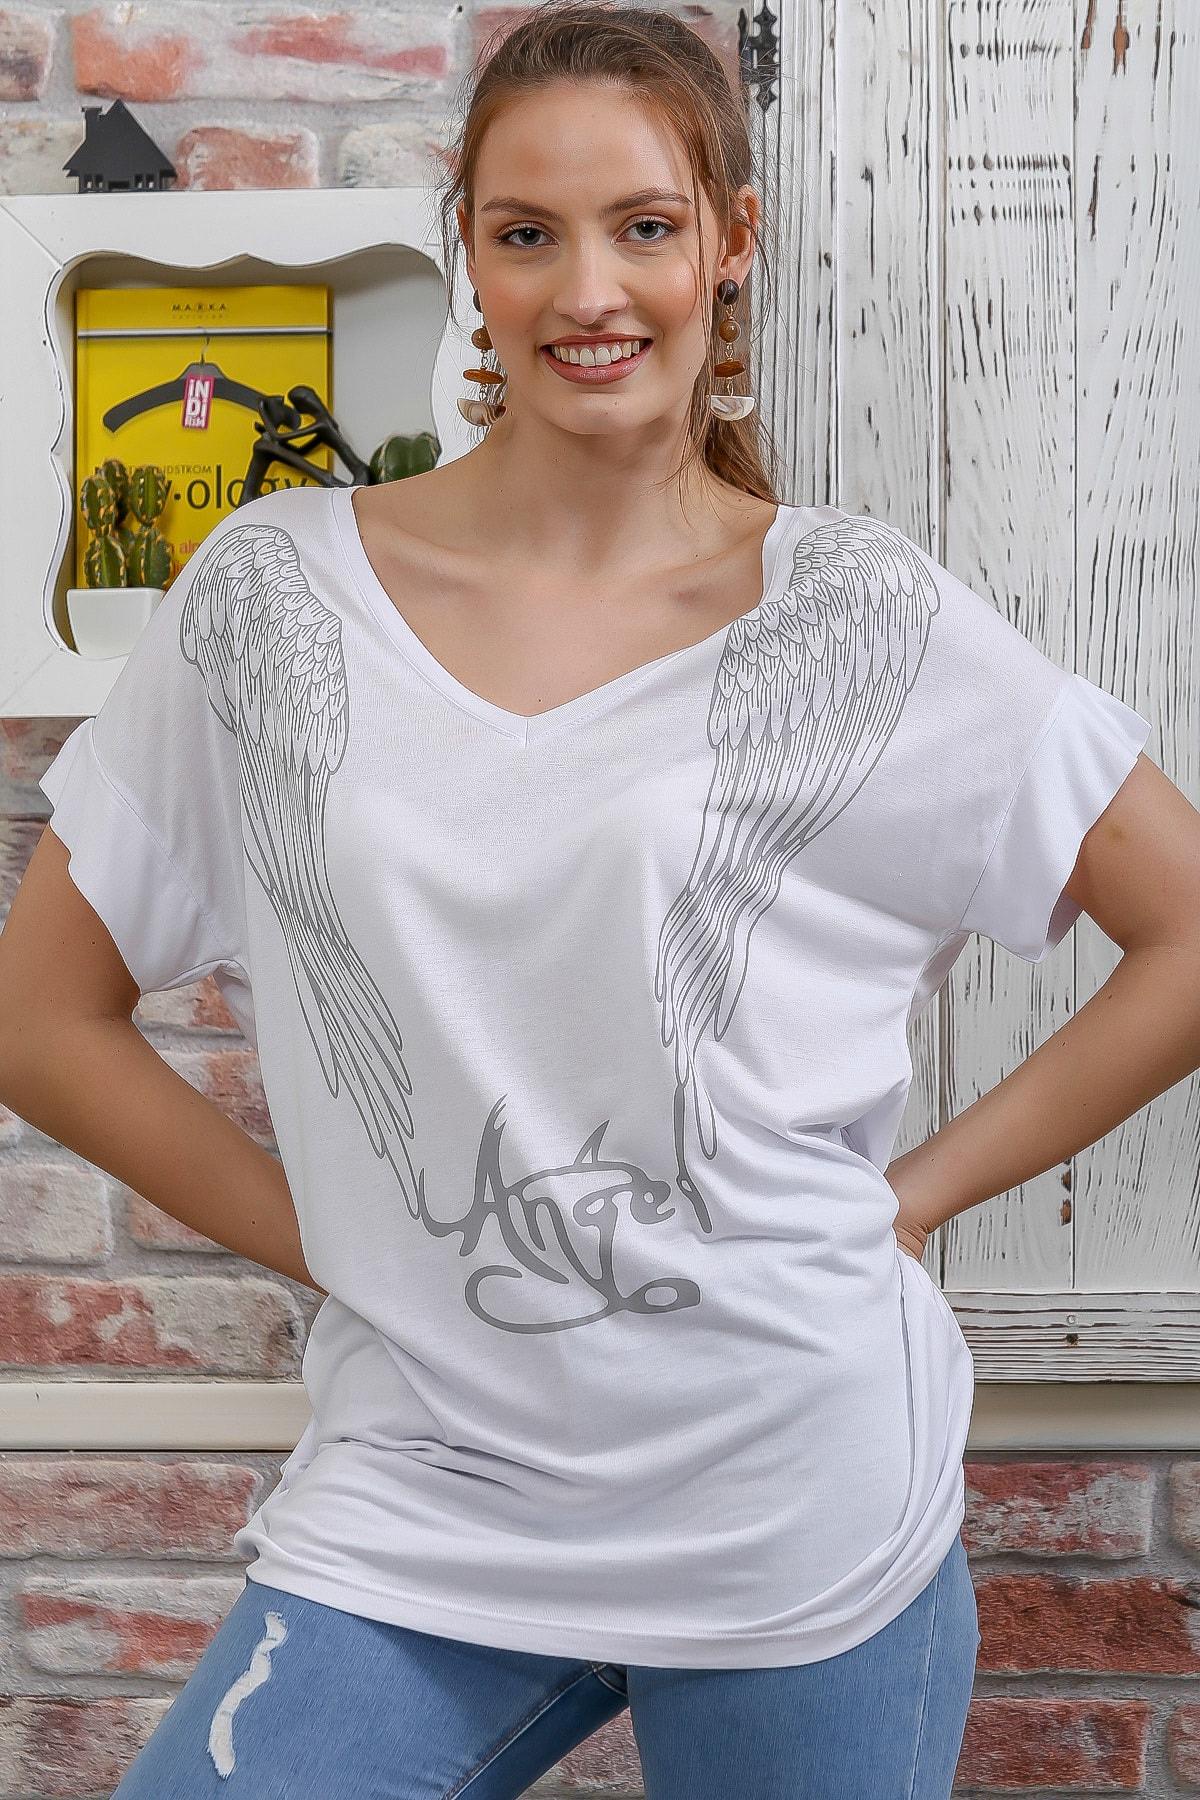 Chiccy Kadın Beyaz Ön Arka V Yaka Kanat Baskılı Salaş T-Shirt M10010300TS98285